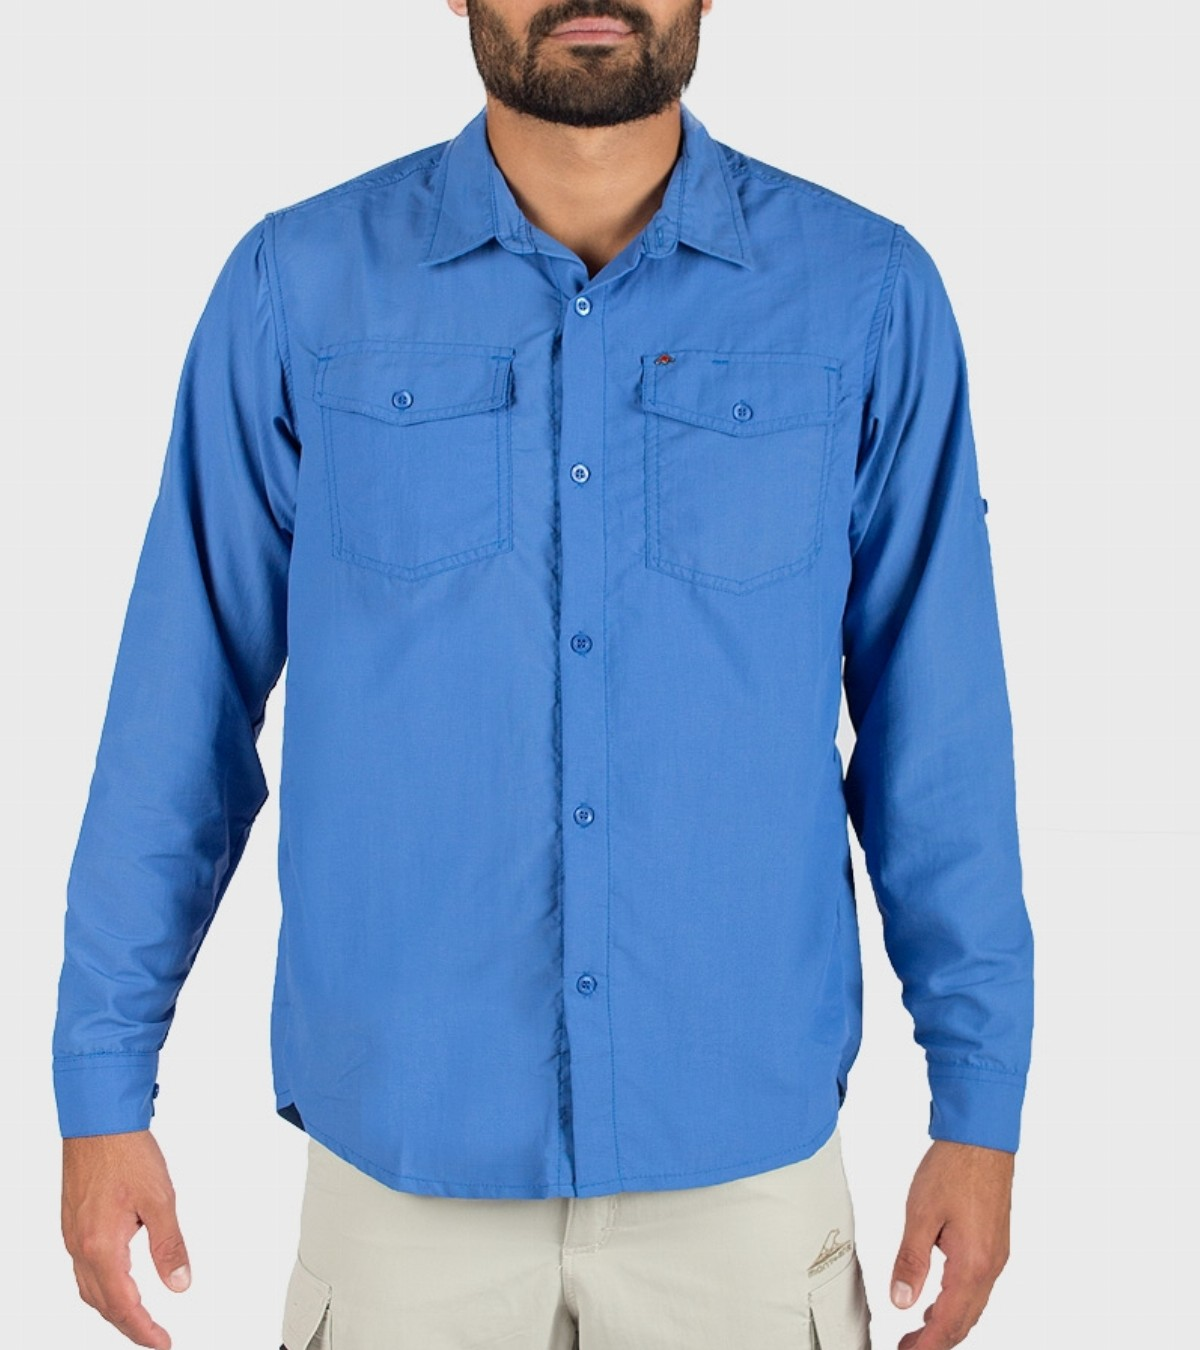 b5eeb1938bcfc Camisa de hombre Sydney M L